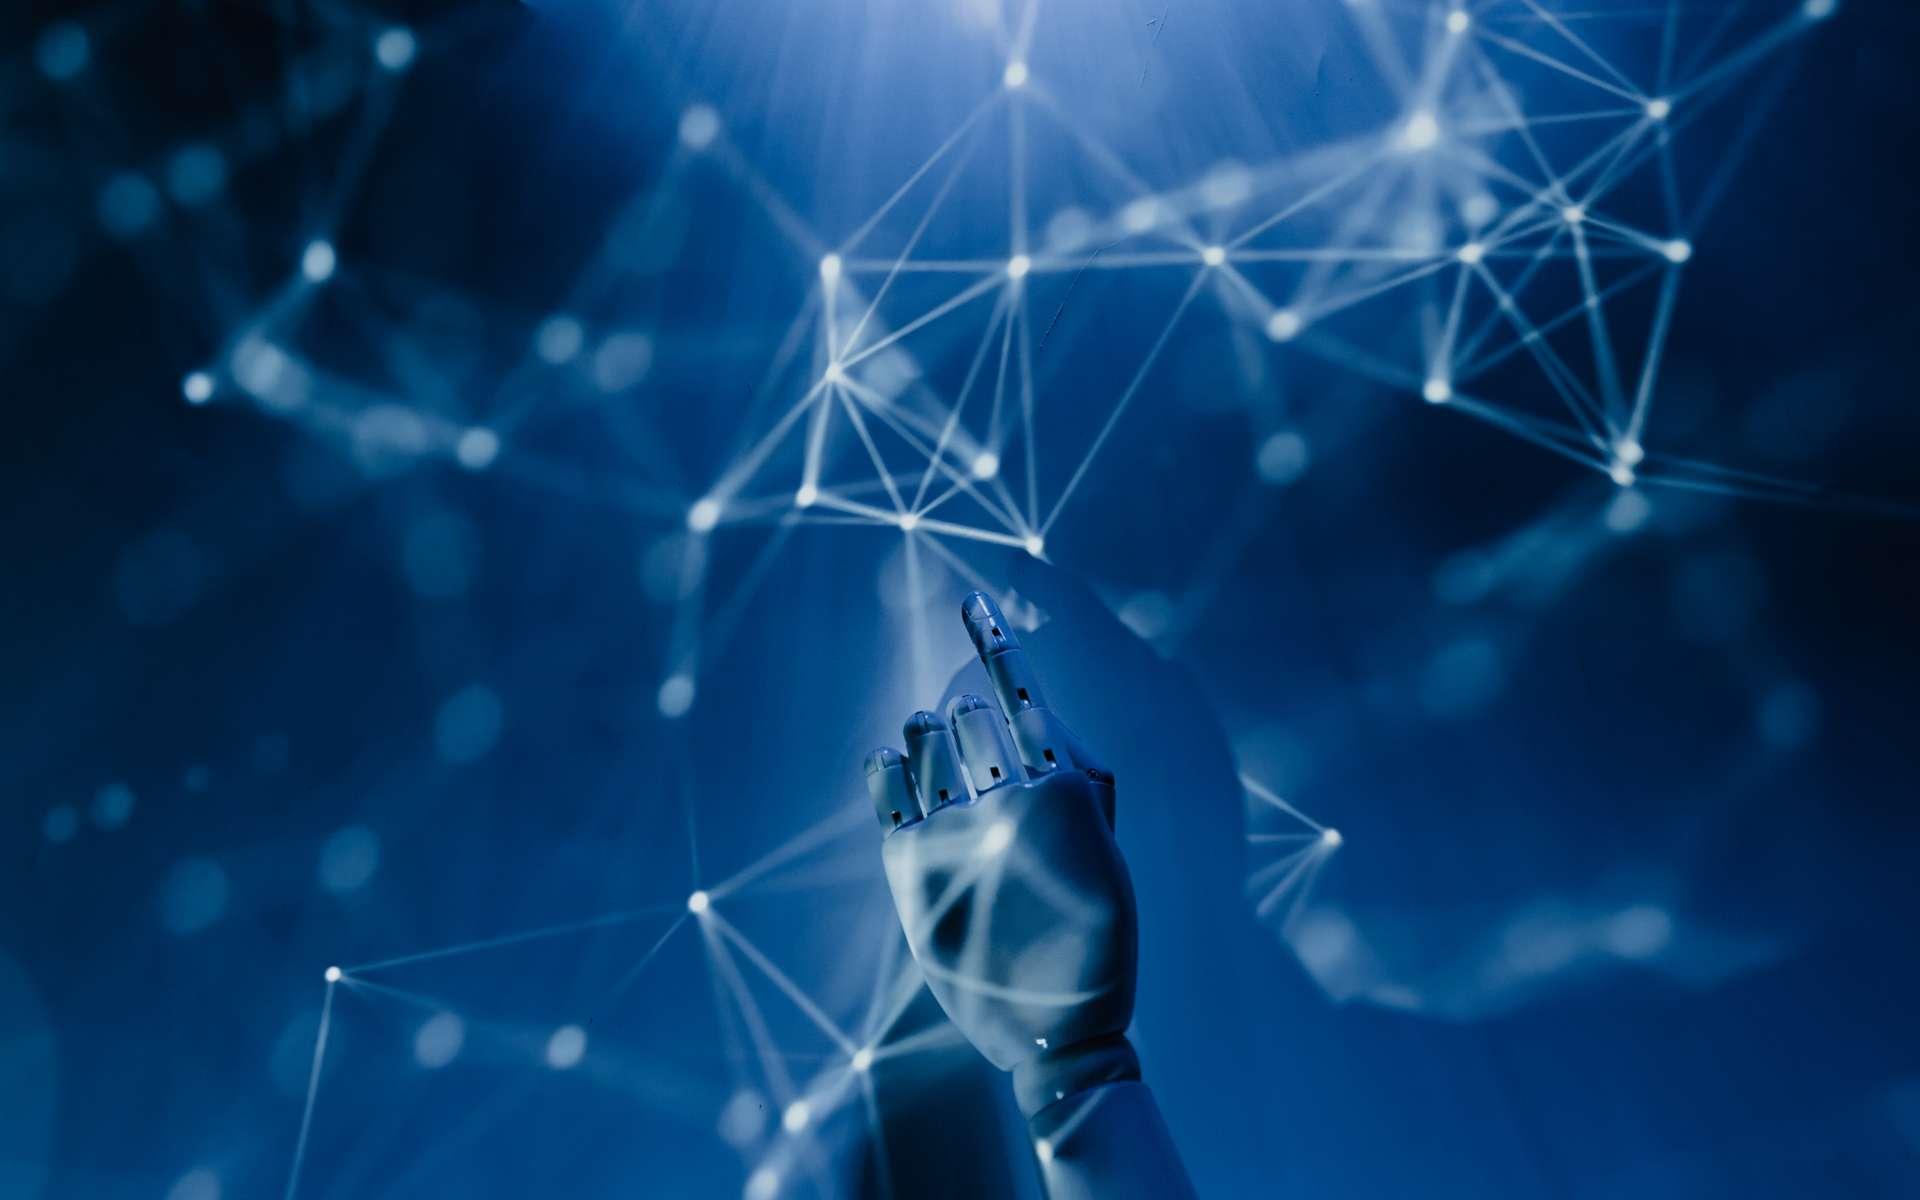 Une IA pour identifier des signaux faibles des prémices d'une menace à venir. © Tara Winstead, Pexels